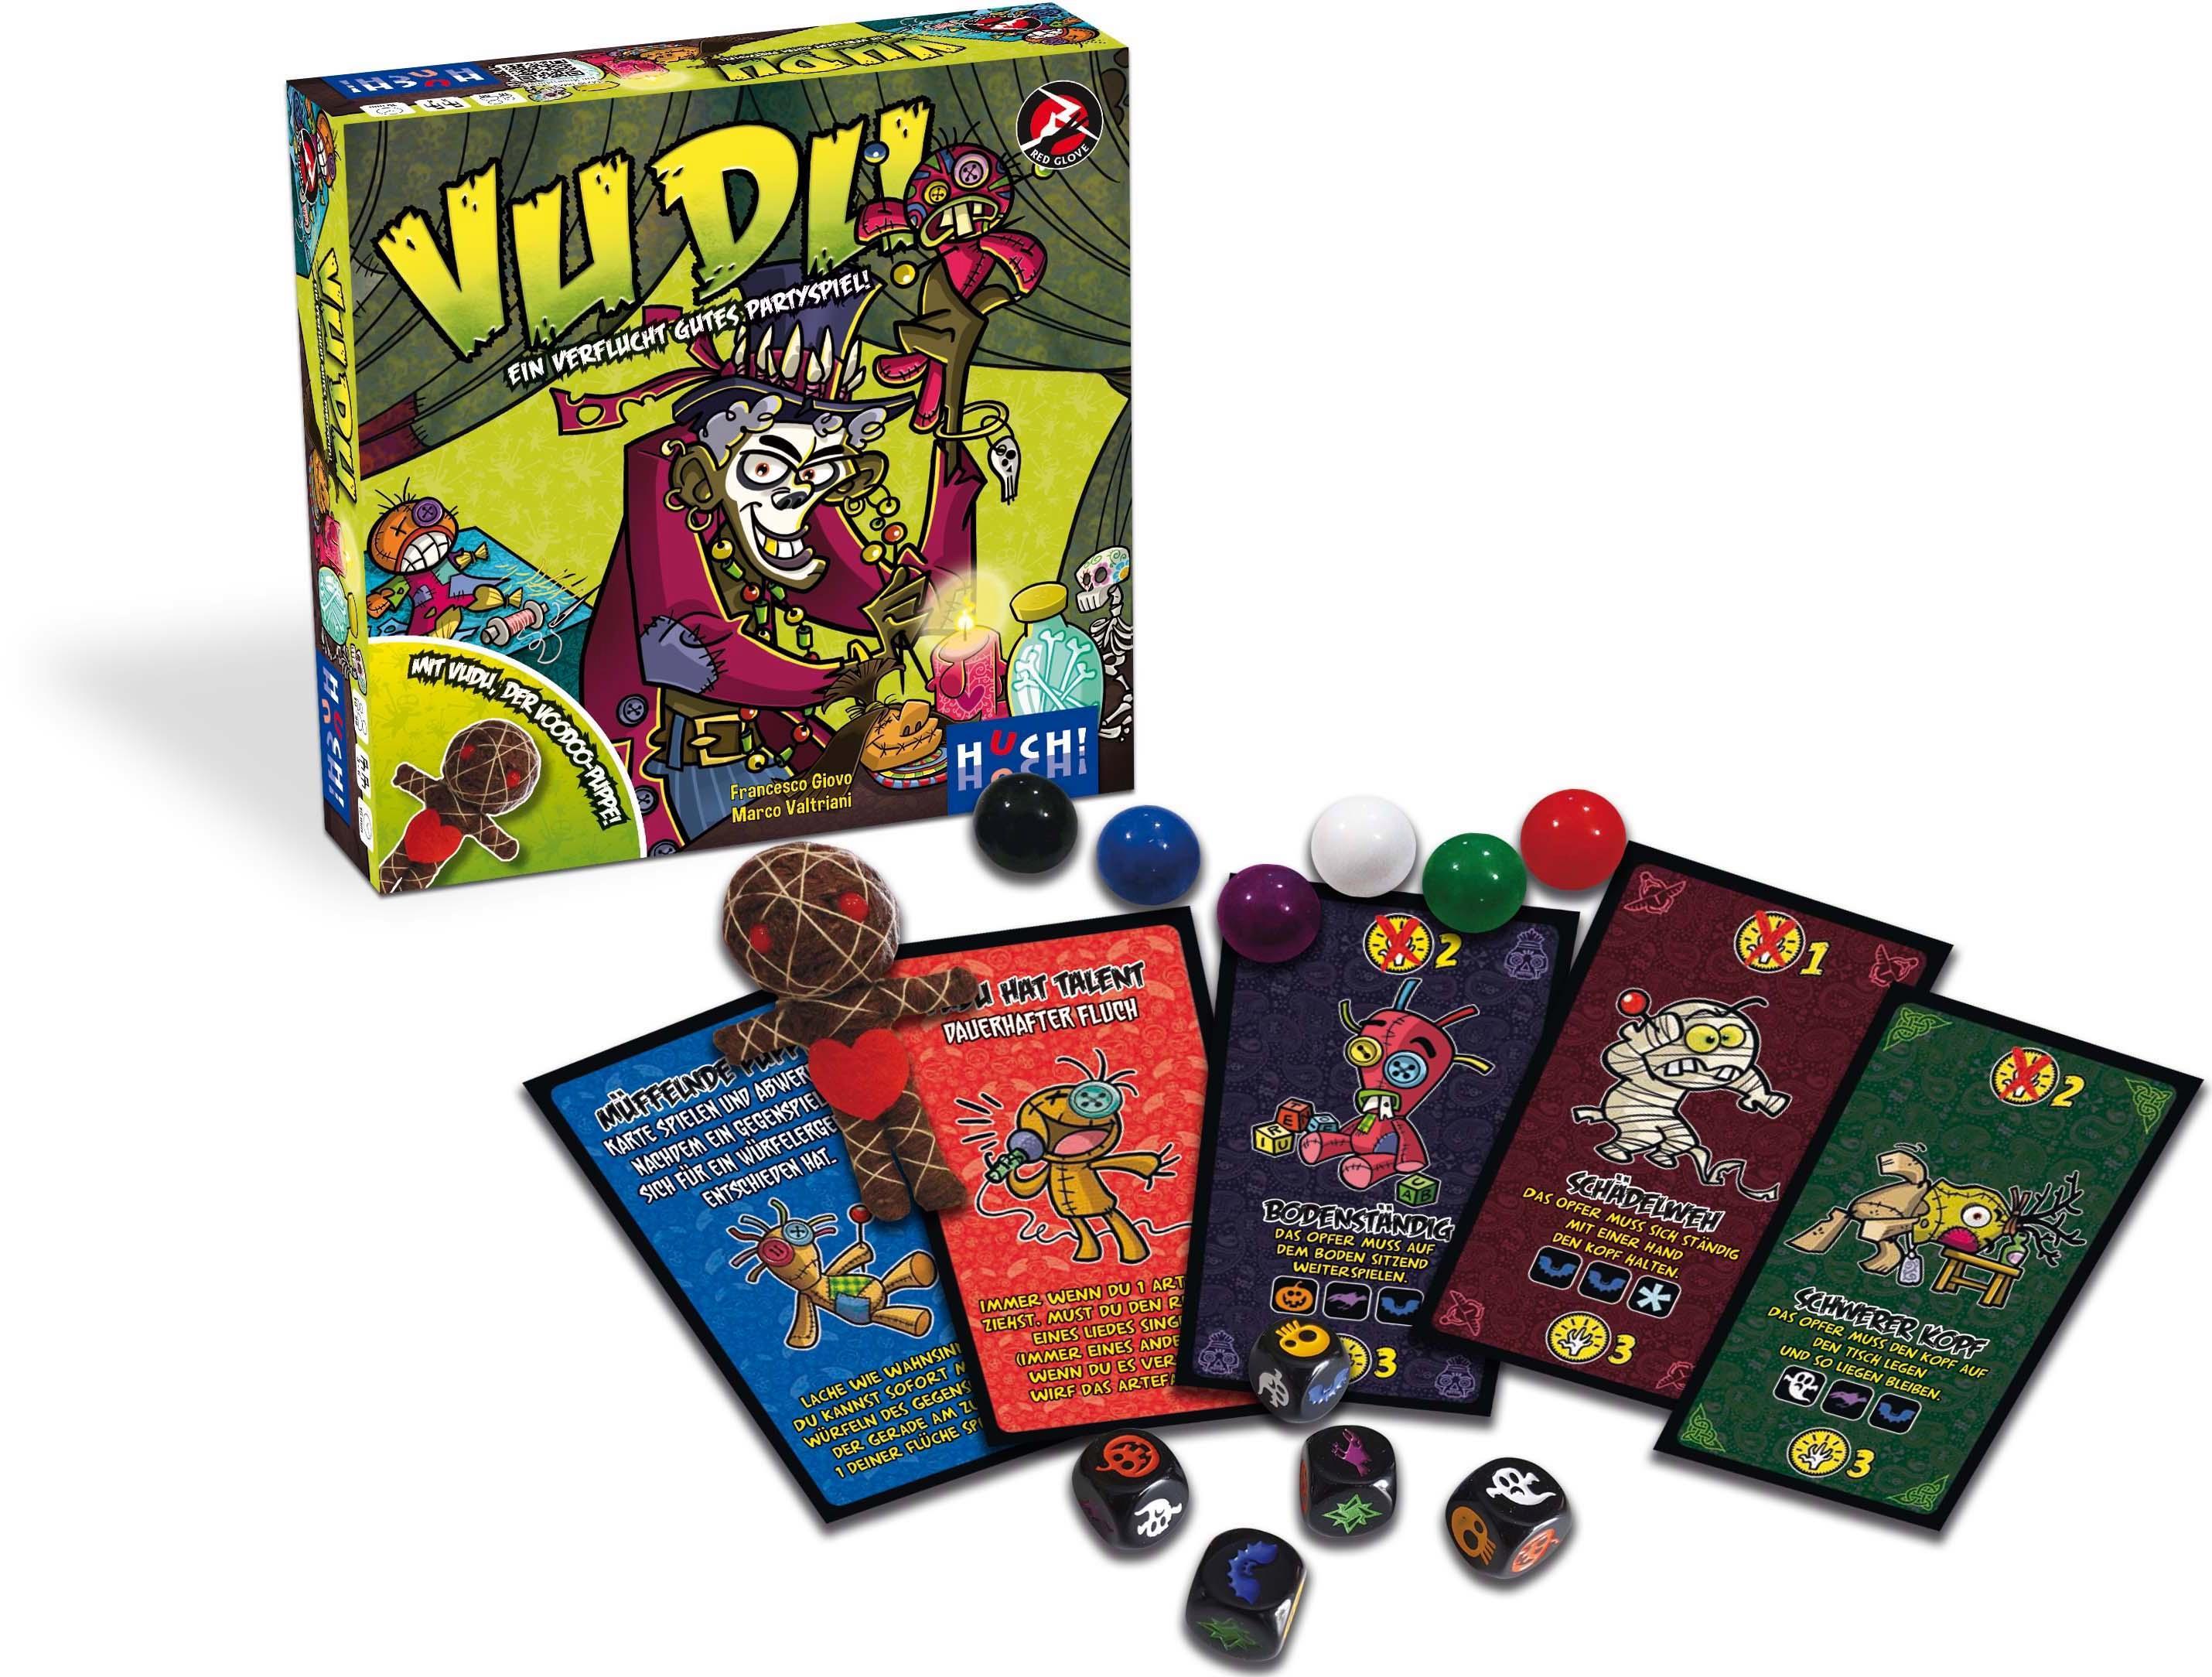 Lustige Gesellschaftsspiele Erwachsene - Produktübersicht